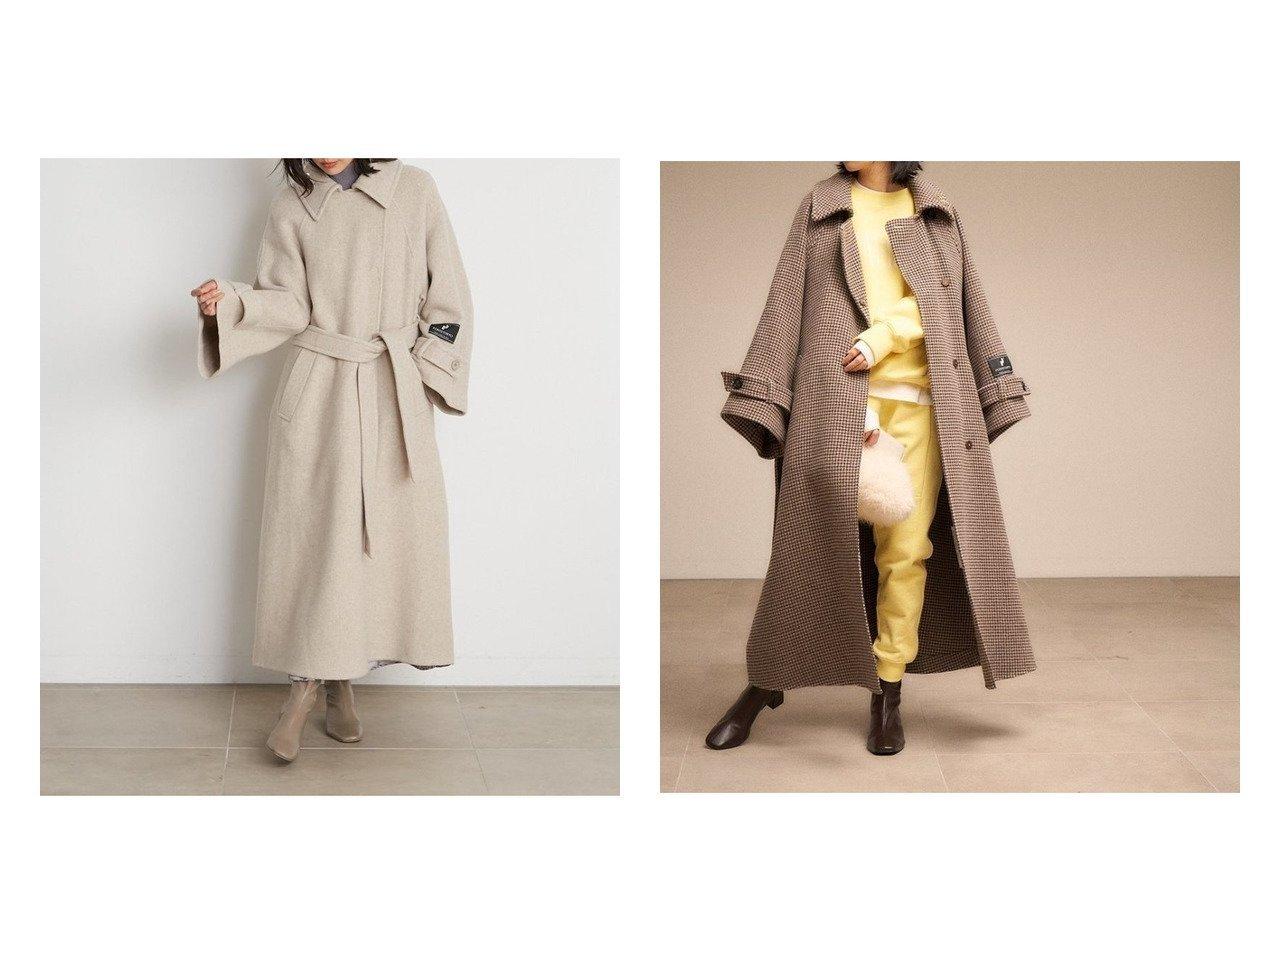 【SNIDEL/スナイデル】のステンカラーリバーコート 【アウター】おすすめ!人気、トレンド・レディースファッションの通販 おすすめで人気の流行・トレンド、ファッションの通販商品 インテリア・家具・メンズファッション・キッズファッション・レディースファッション・服の通販 founy(ファニー) https://founy.com/ ファッション Fashion レディースファッション WOMEN アウター Coat Outerwear コート Coats ジャケット Jackets イタリア 軽量 ジャケット スリーブ チェック パターン 無地 ワイド 再入荷 Restock/Back in Stock/Re Arrival NEW・新作・新着・新入荷 New Arrivals  ID:crp329100000059295